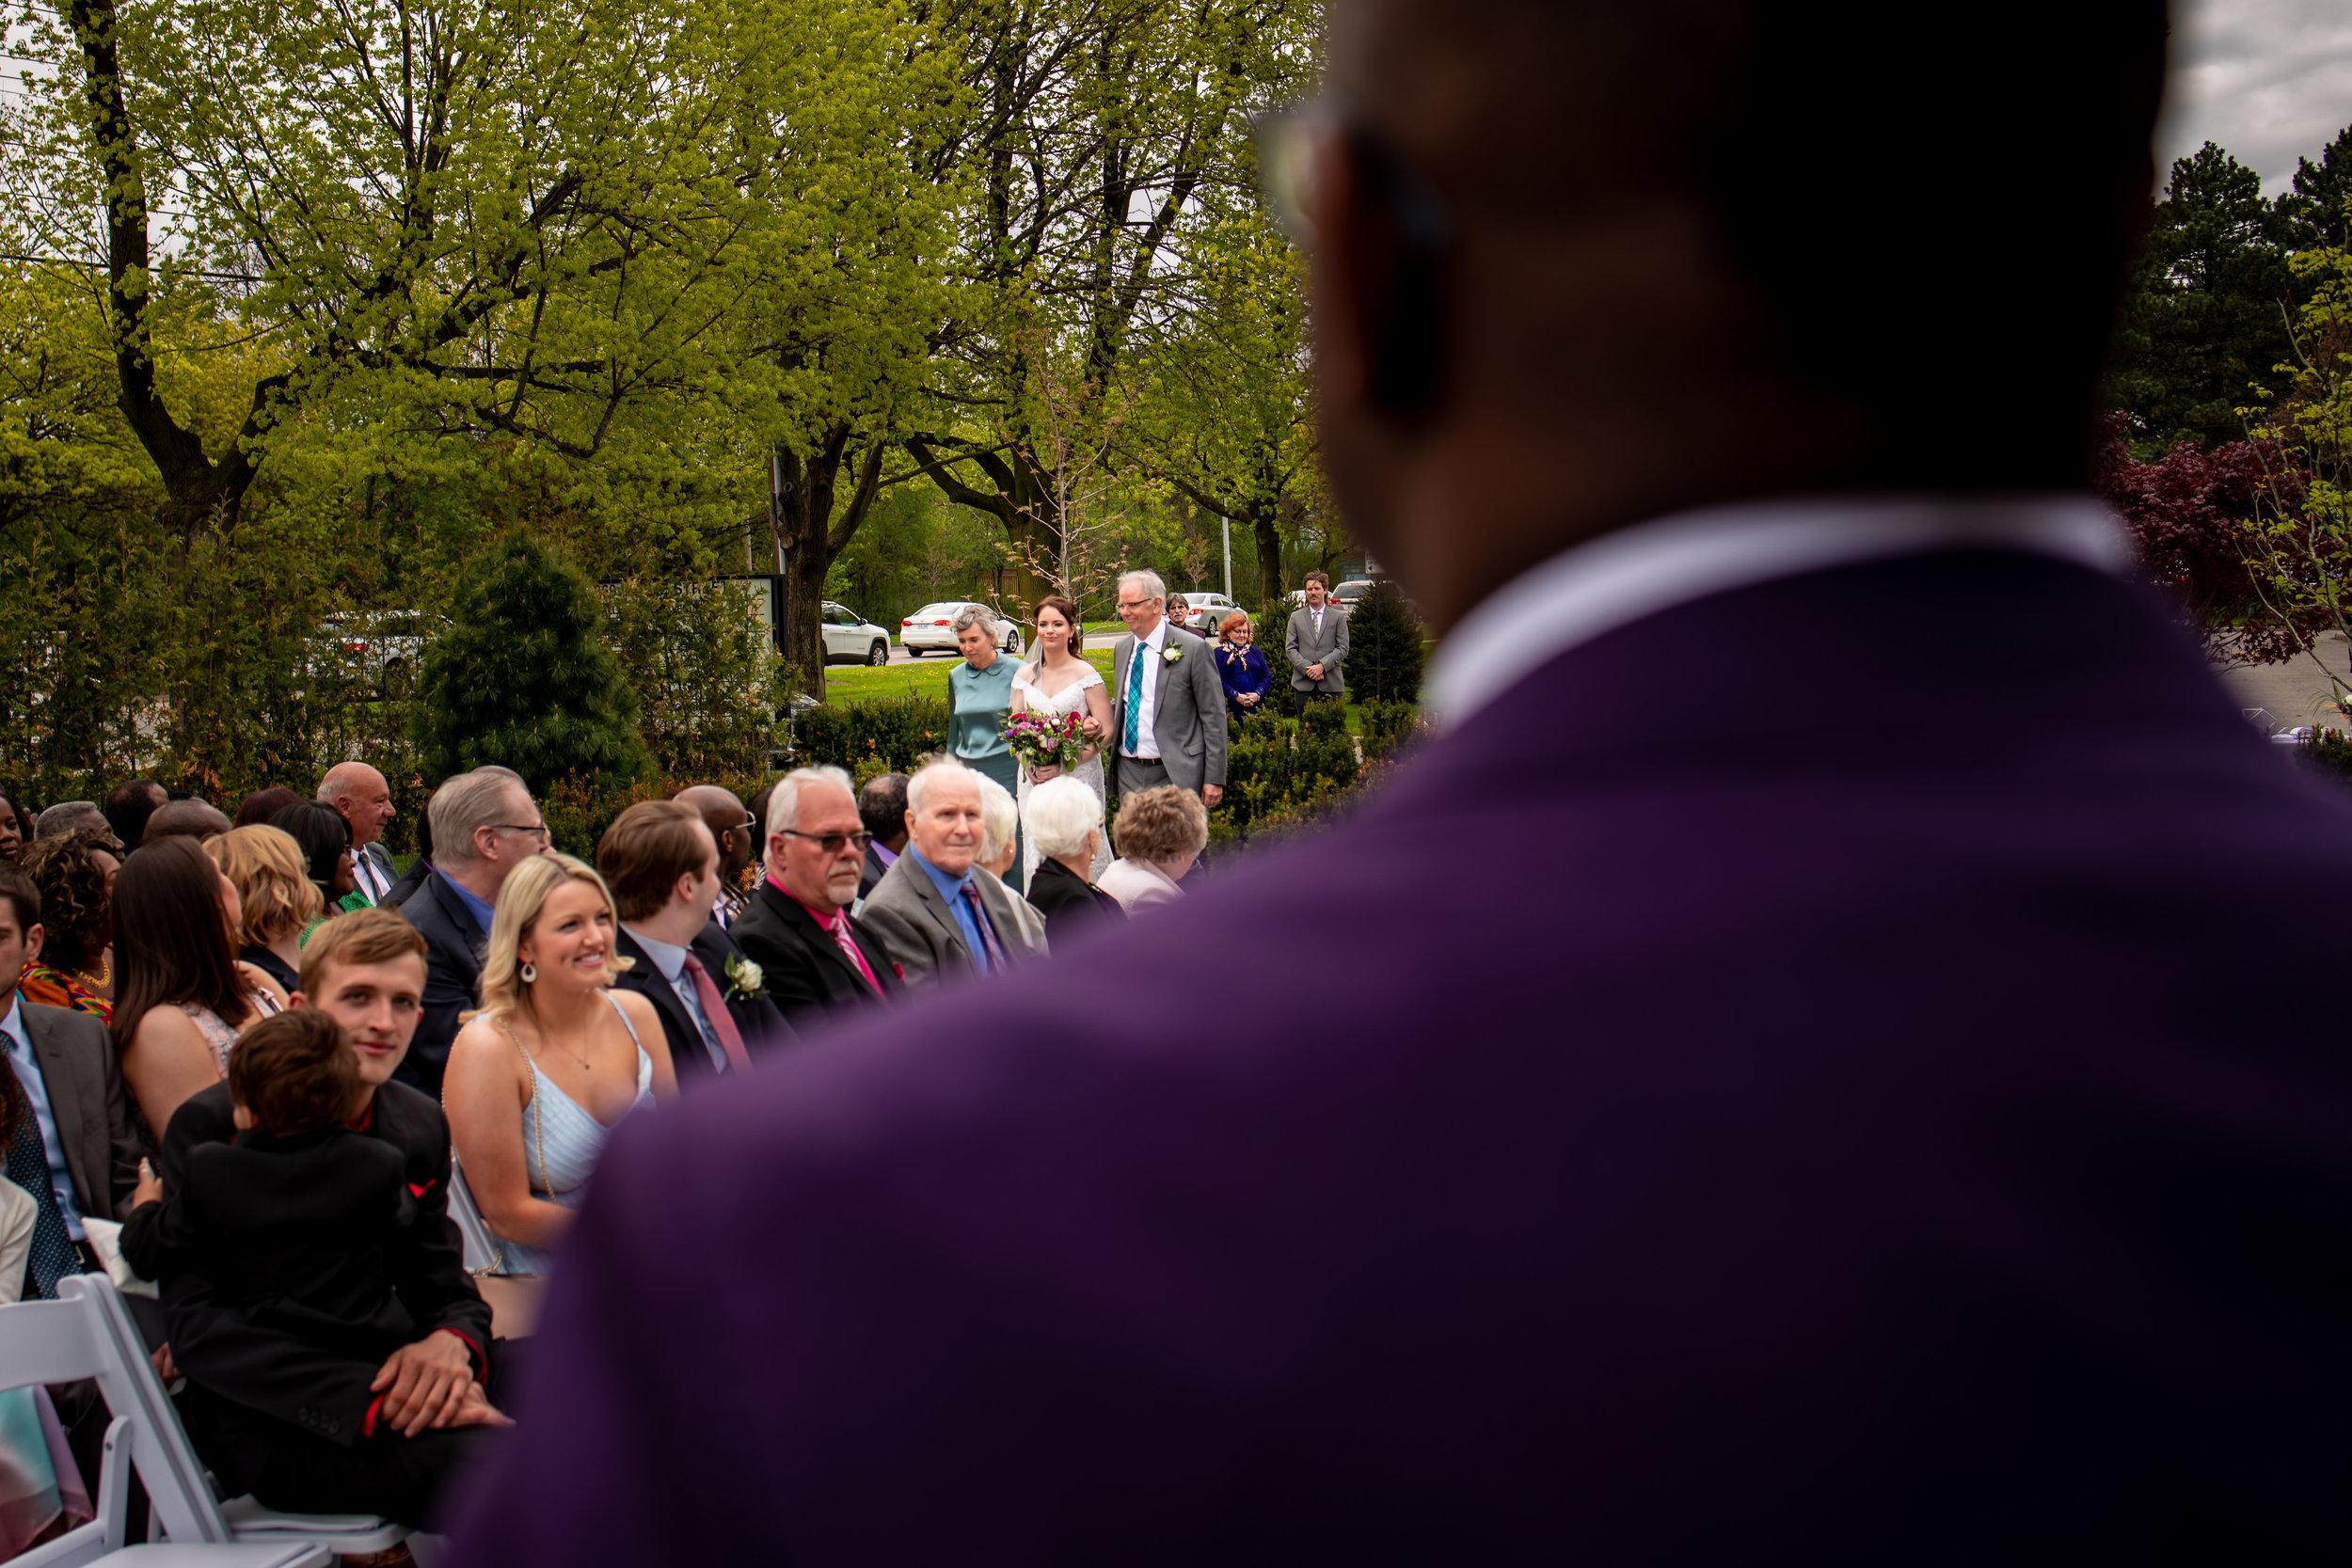 YMG-wedding-photos-35.jpg